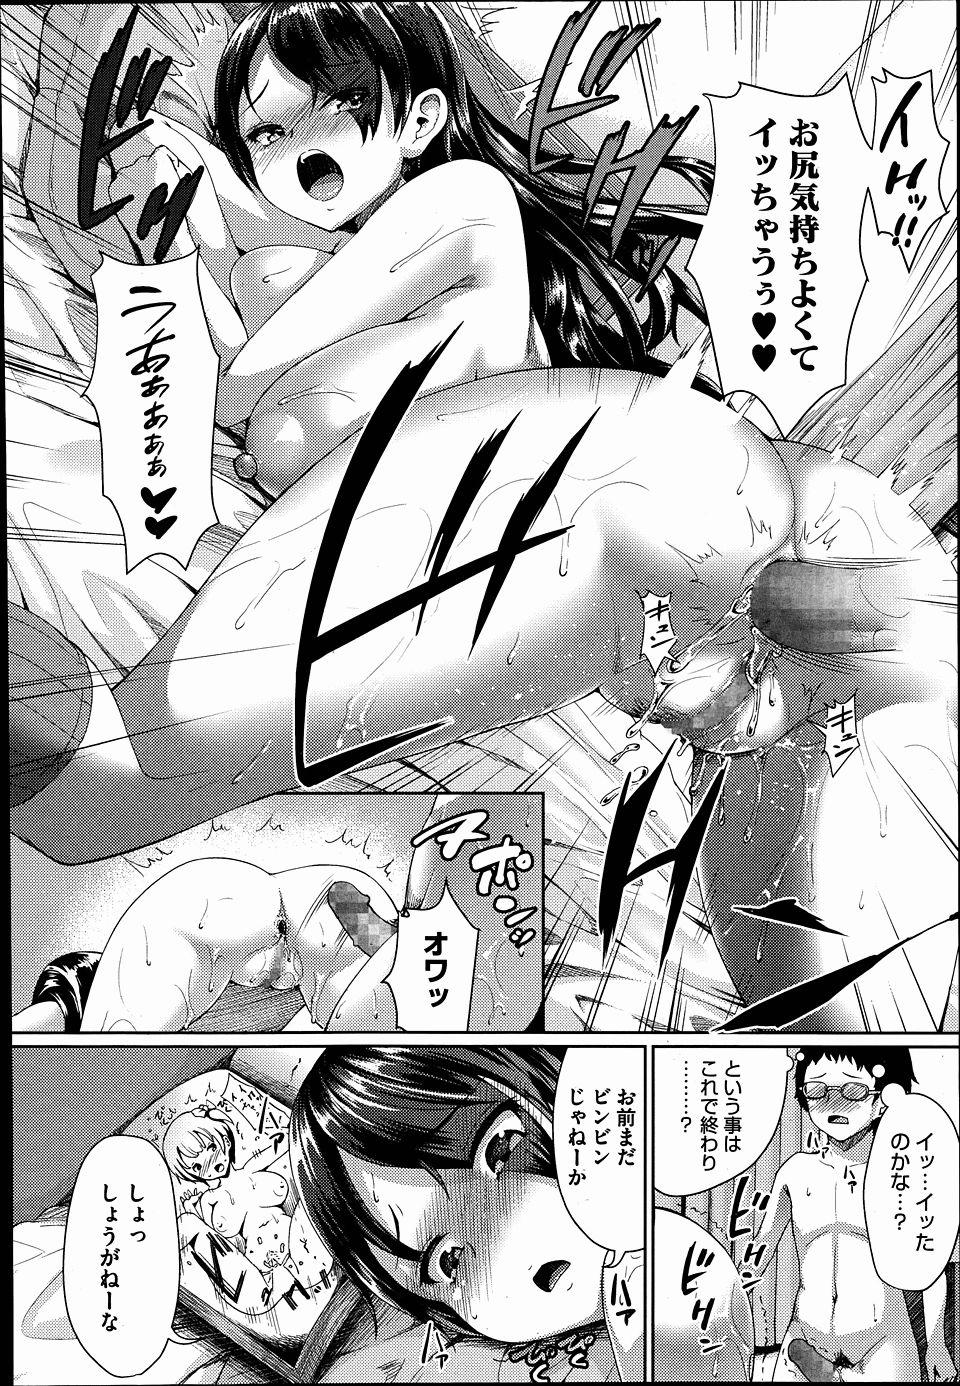 【エロ漫画・エロ同人誌】巨乳のヤンキー娘がエロ本でやってるアナルセックスに興味持っちゃったwww (18)